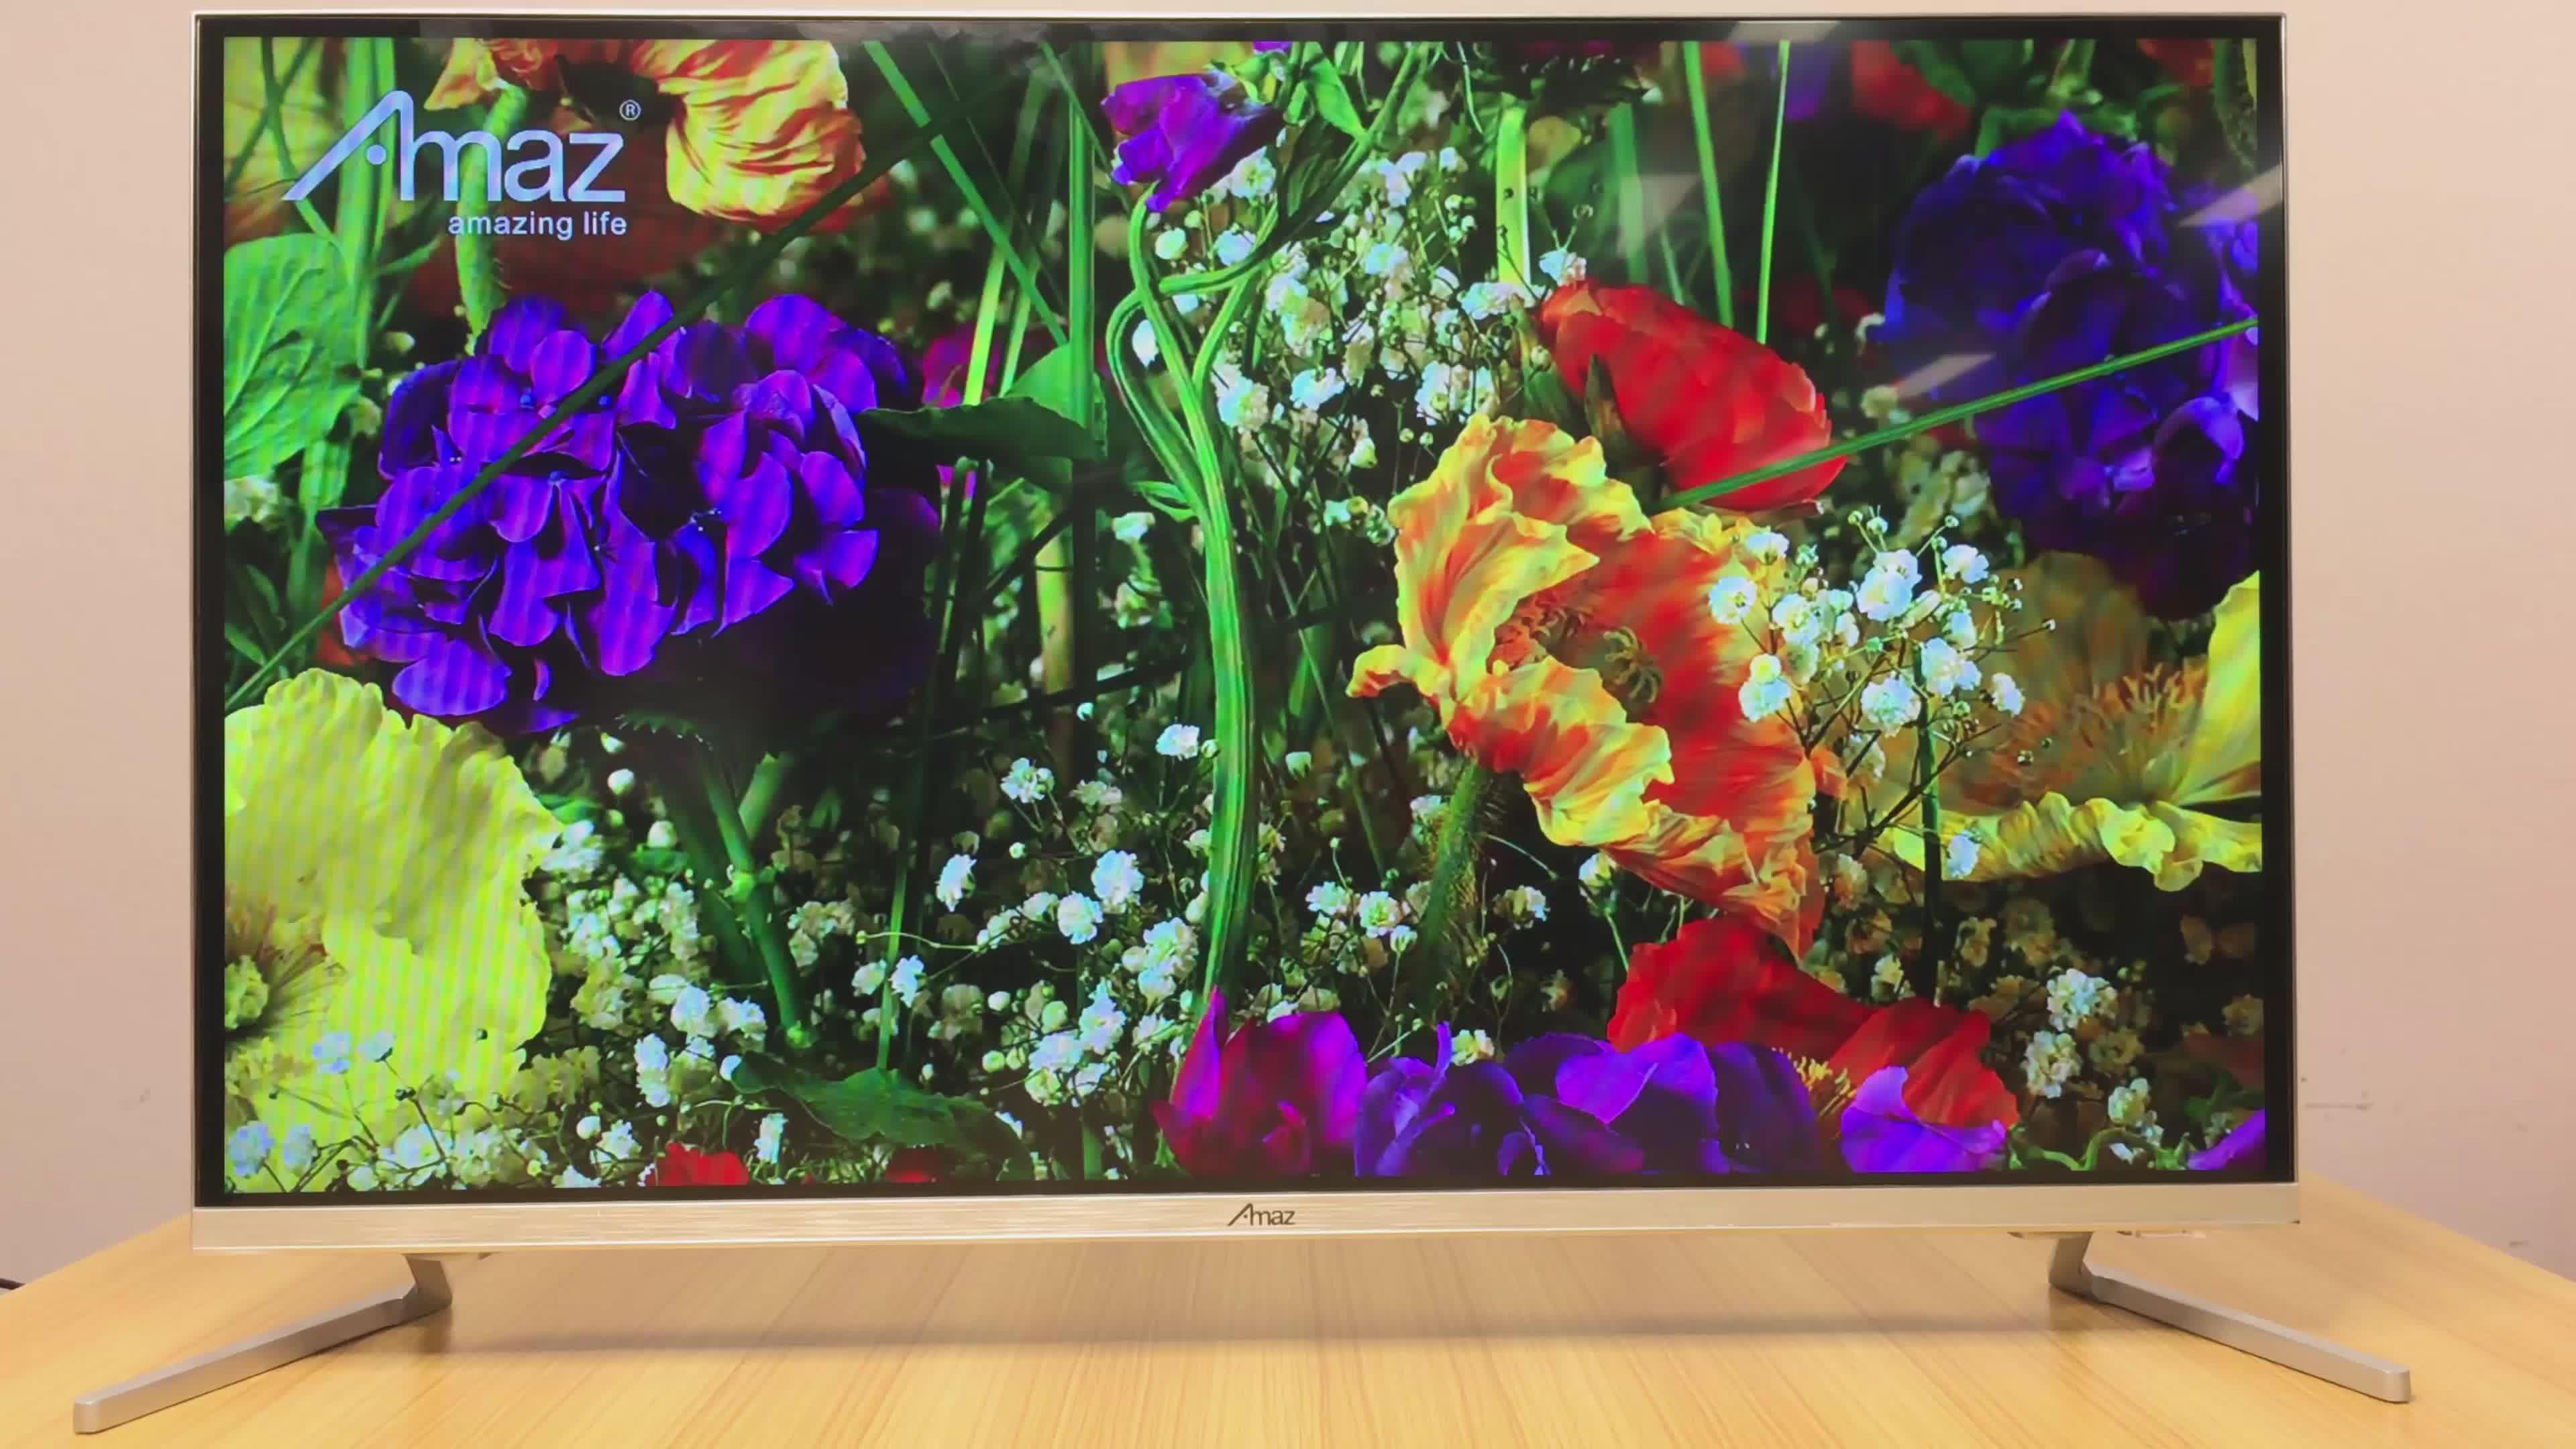 Amaz गर्म बिक्री एलसीडी 32 40 50 55 65 इंच काले 4k टीवी स्मार्ट टेलीविजन